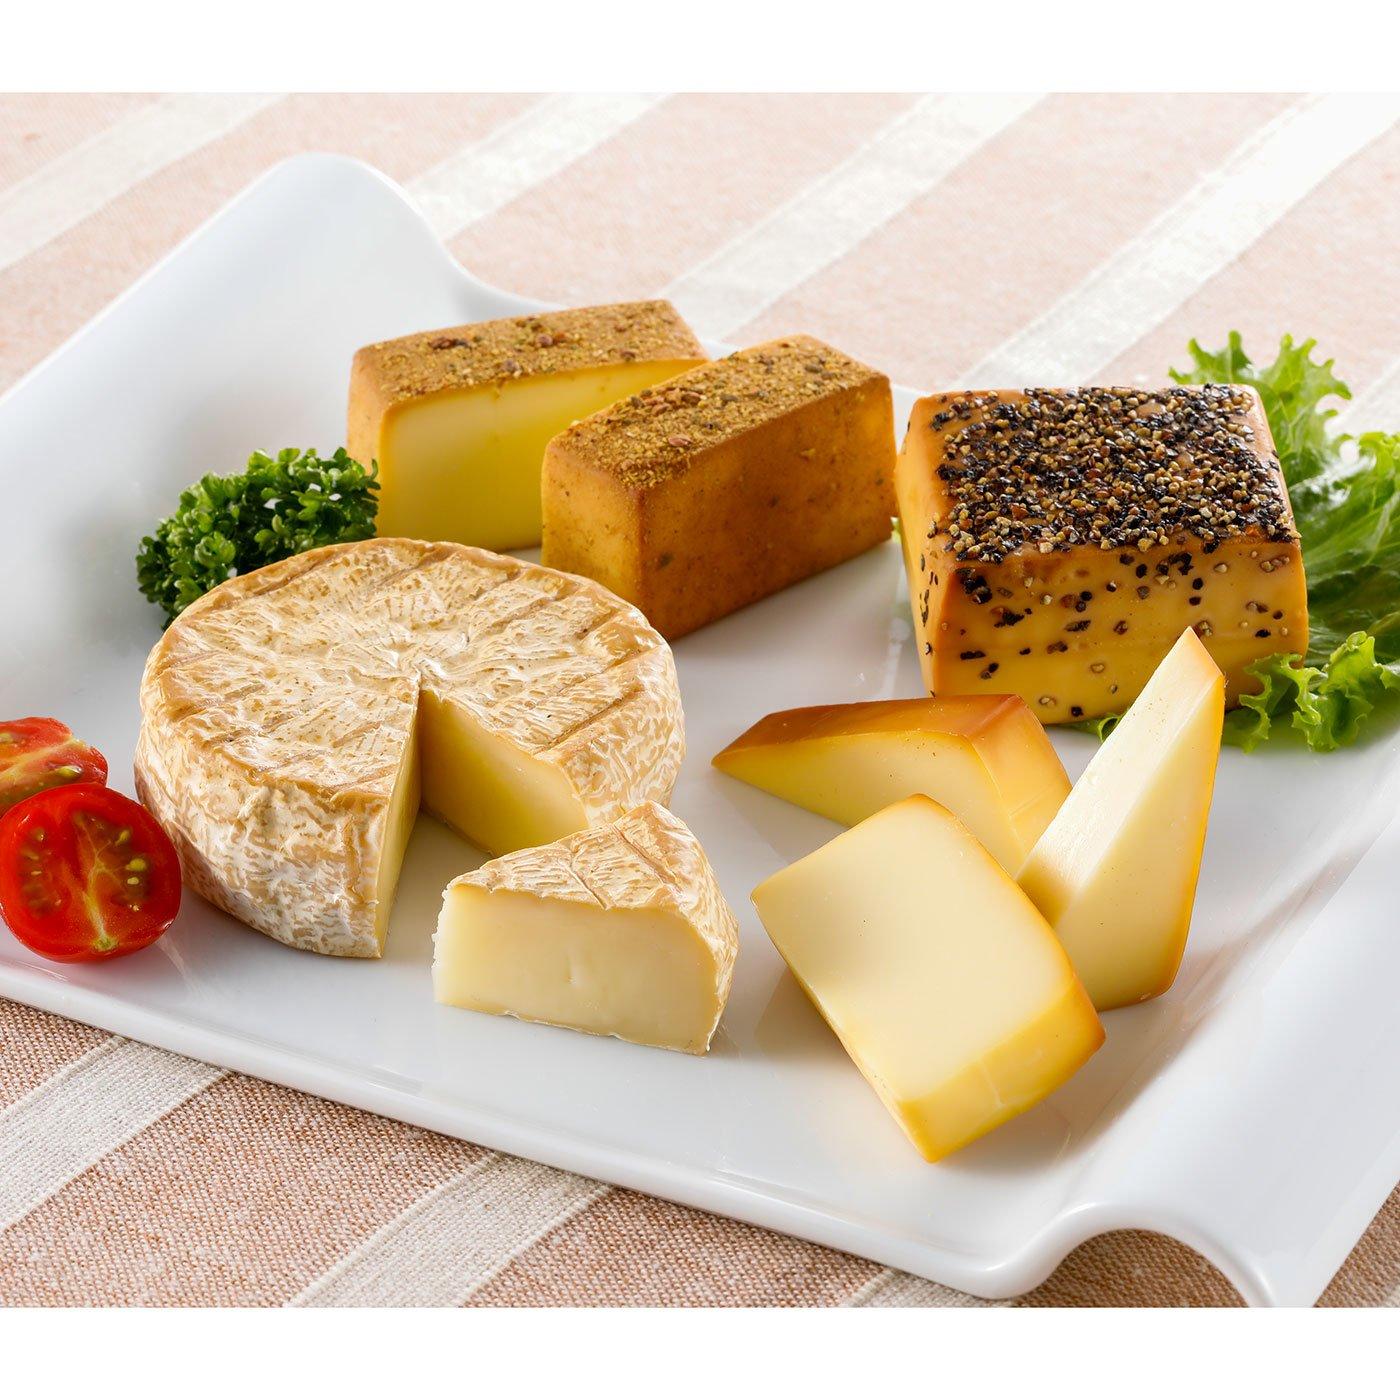 お酒と一緒に楽しむ4種の燻製チーズ詰め合わせ